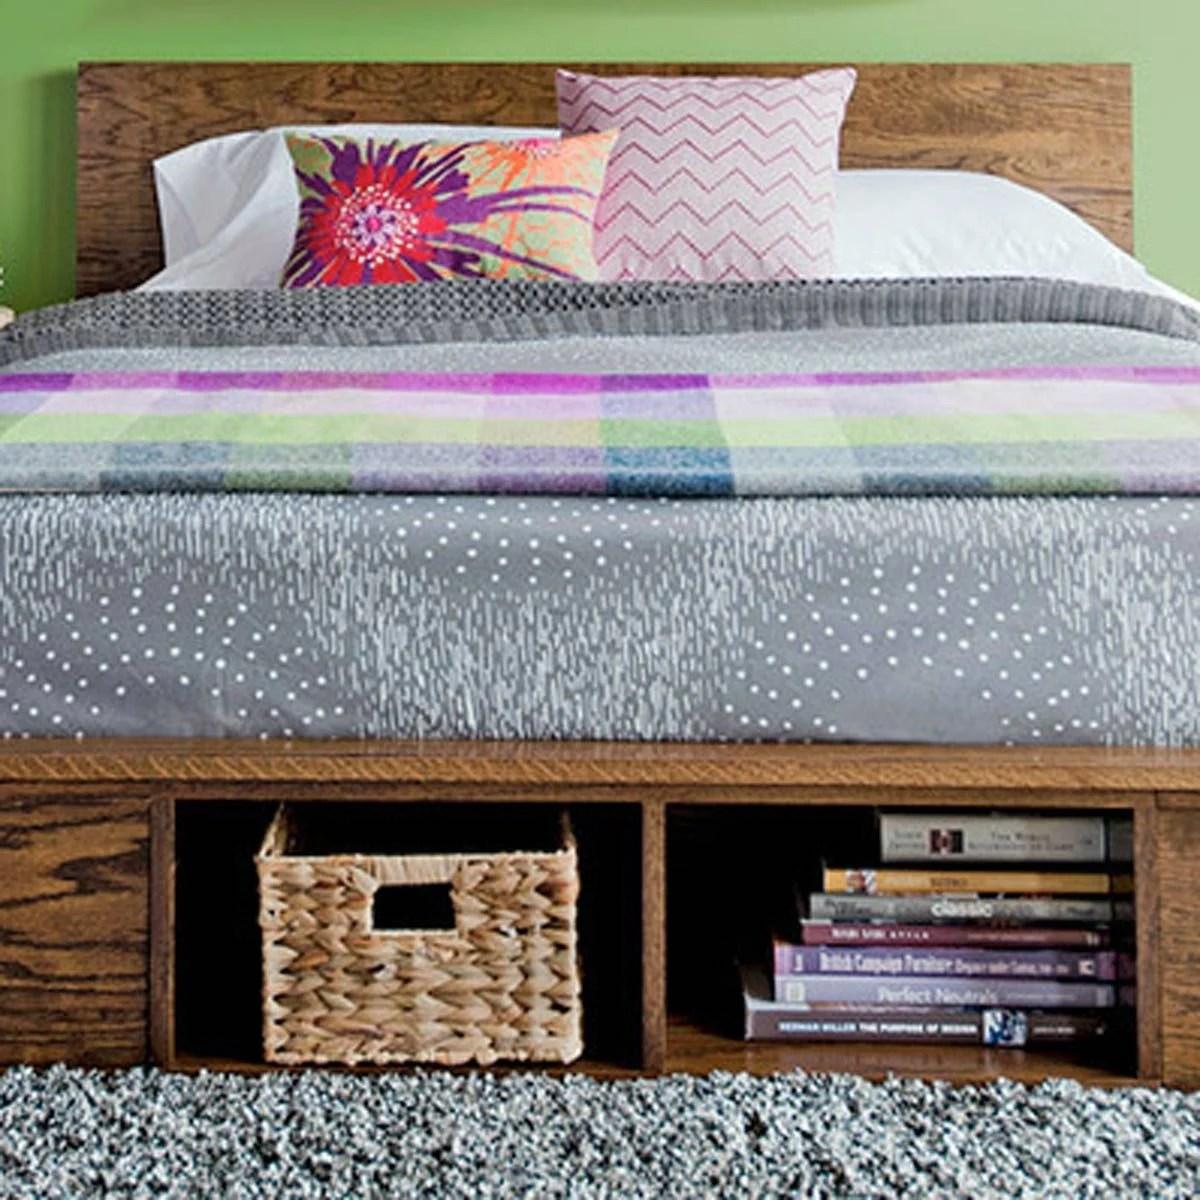 10 Awesome Diy Platform Bed Designs